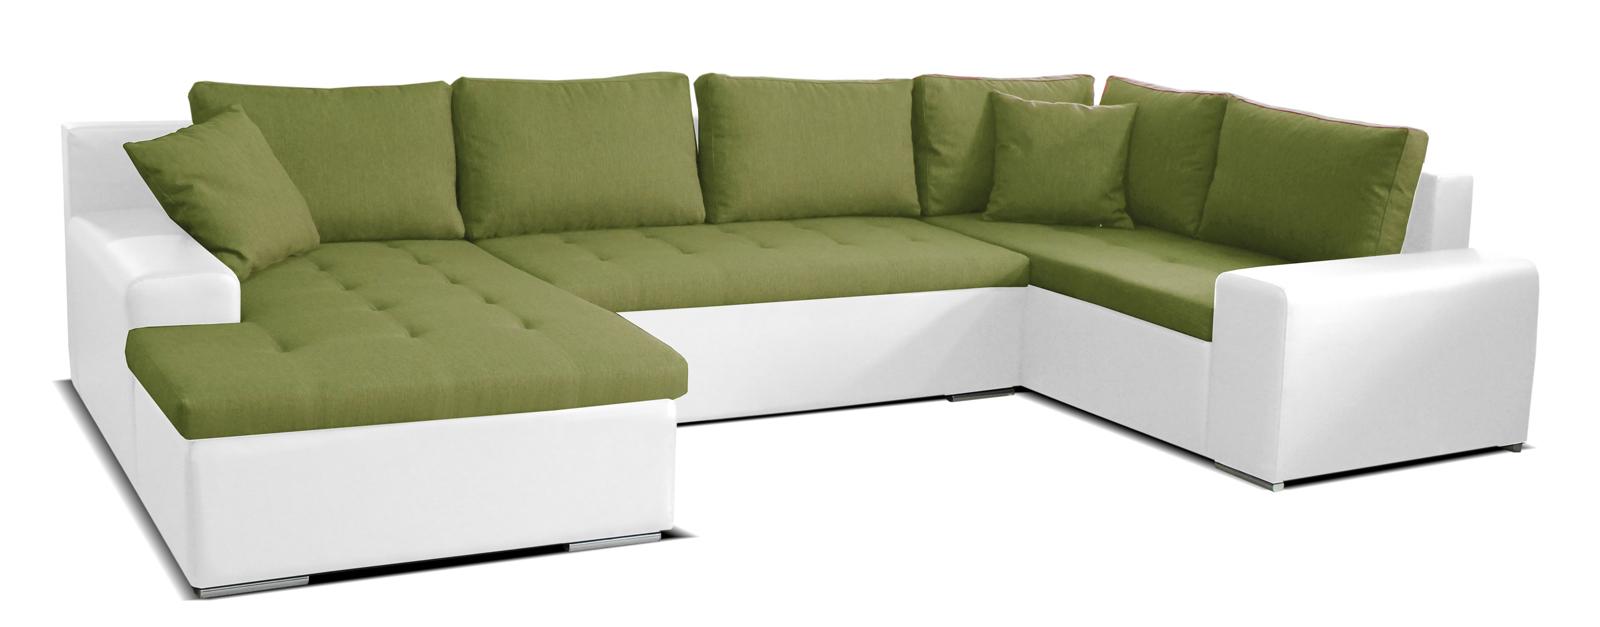 Rohová sedací souprava U - Po-Sed - Moreno L+2+BL (zelená + bílá) (L)